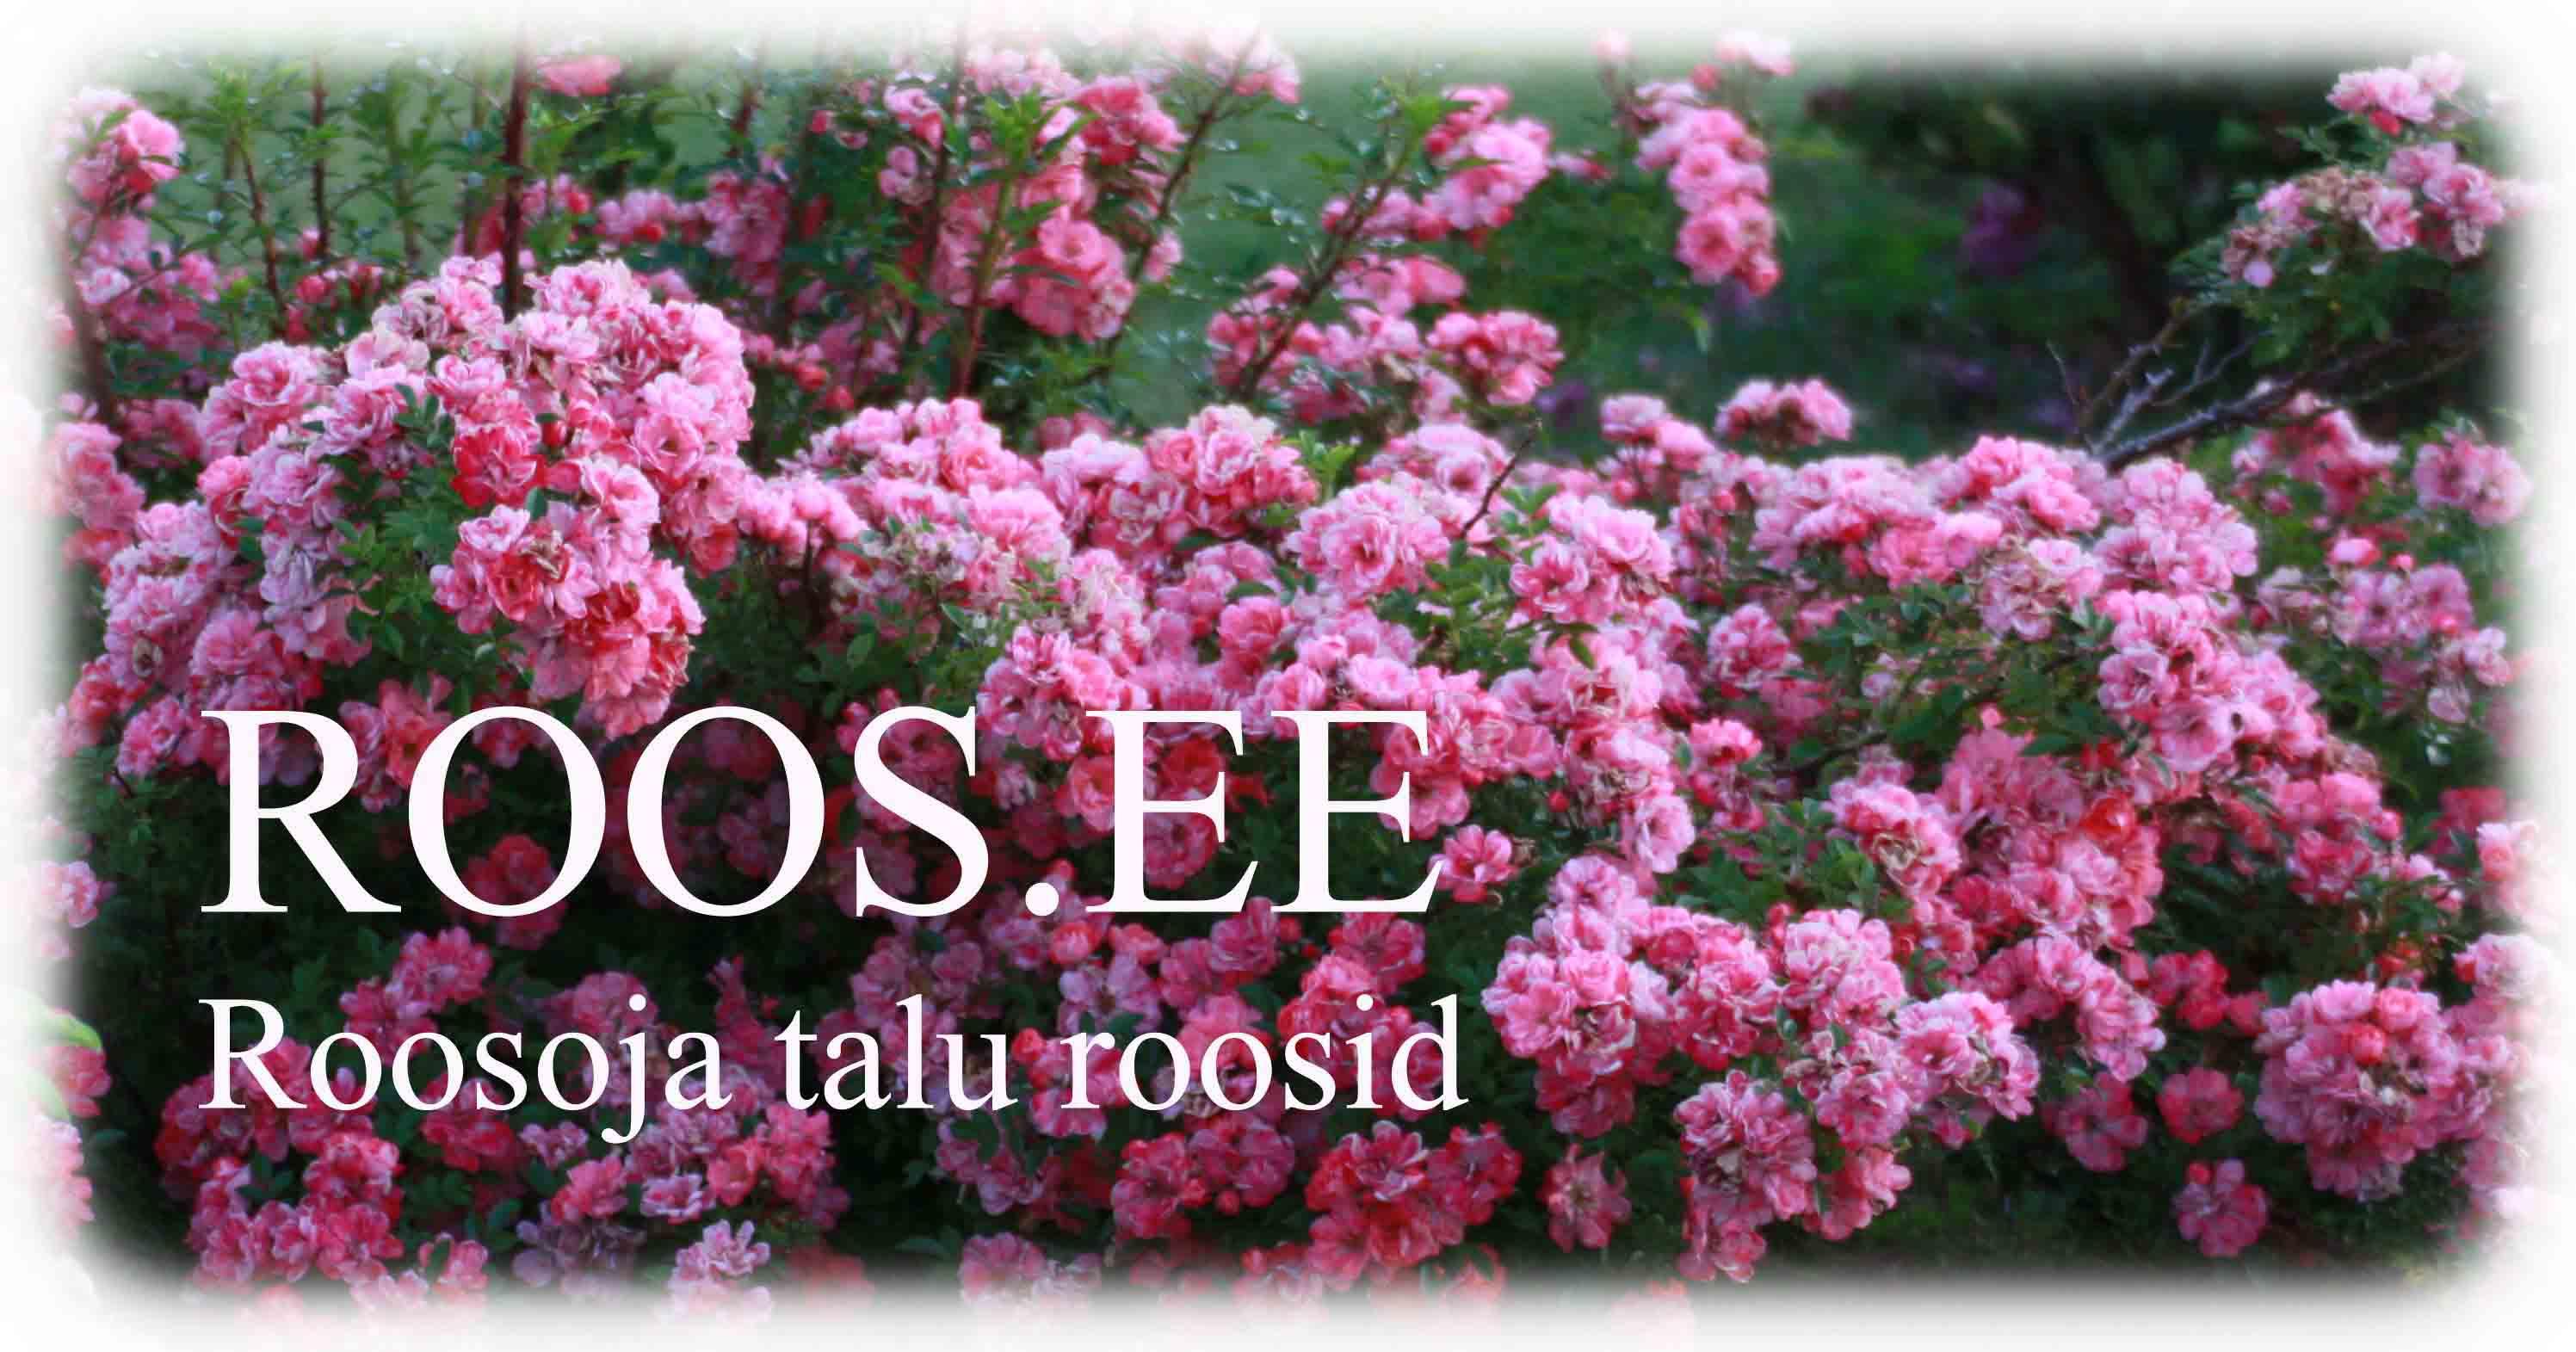 Roosoja talu